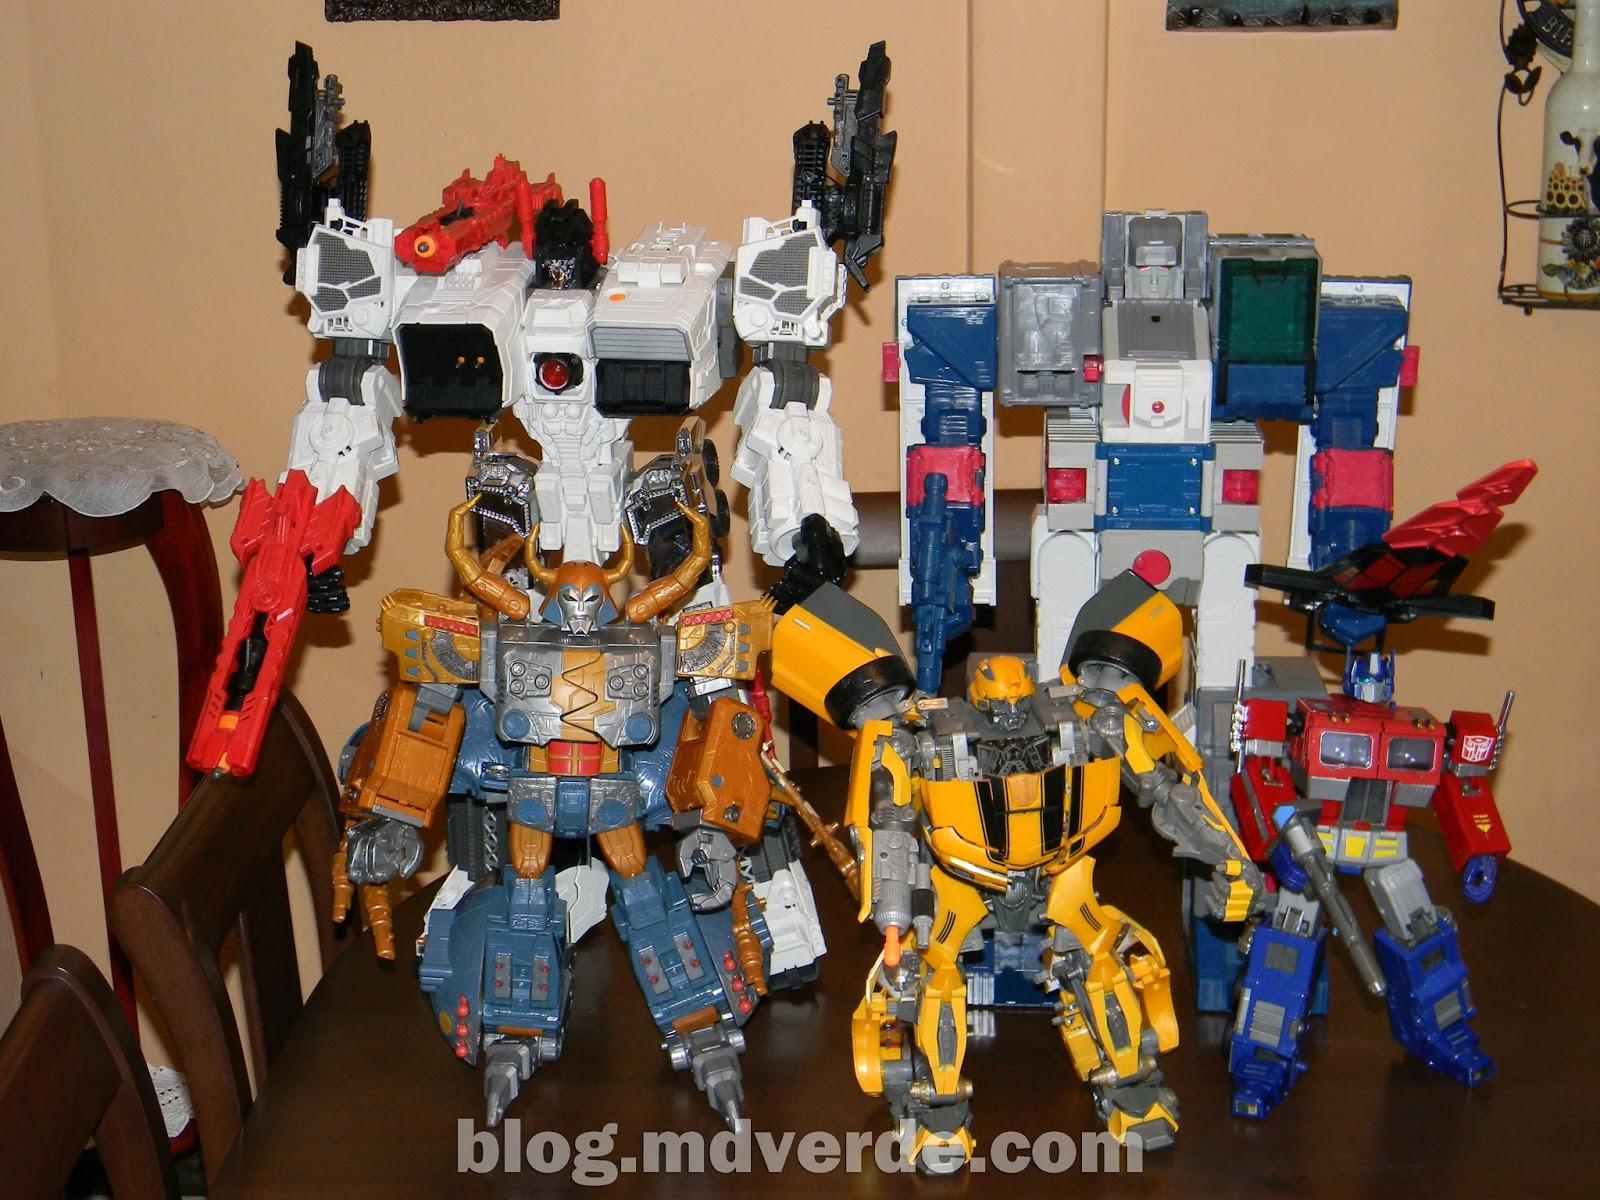 blog de transformers de mdverde fotos r225pidas de